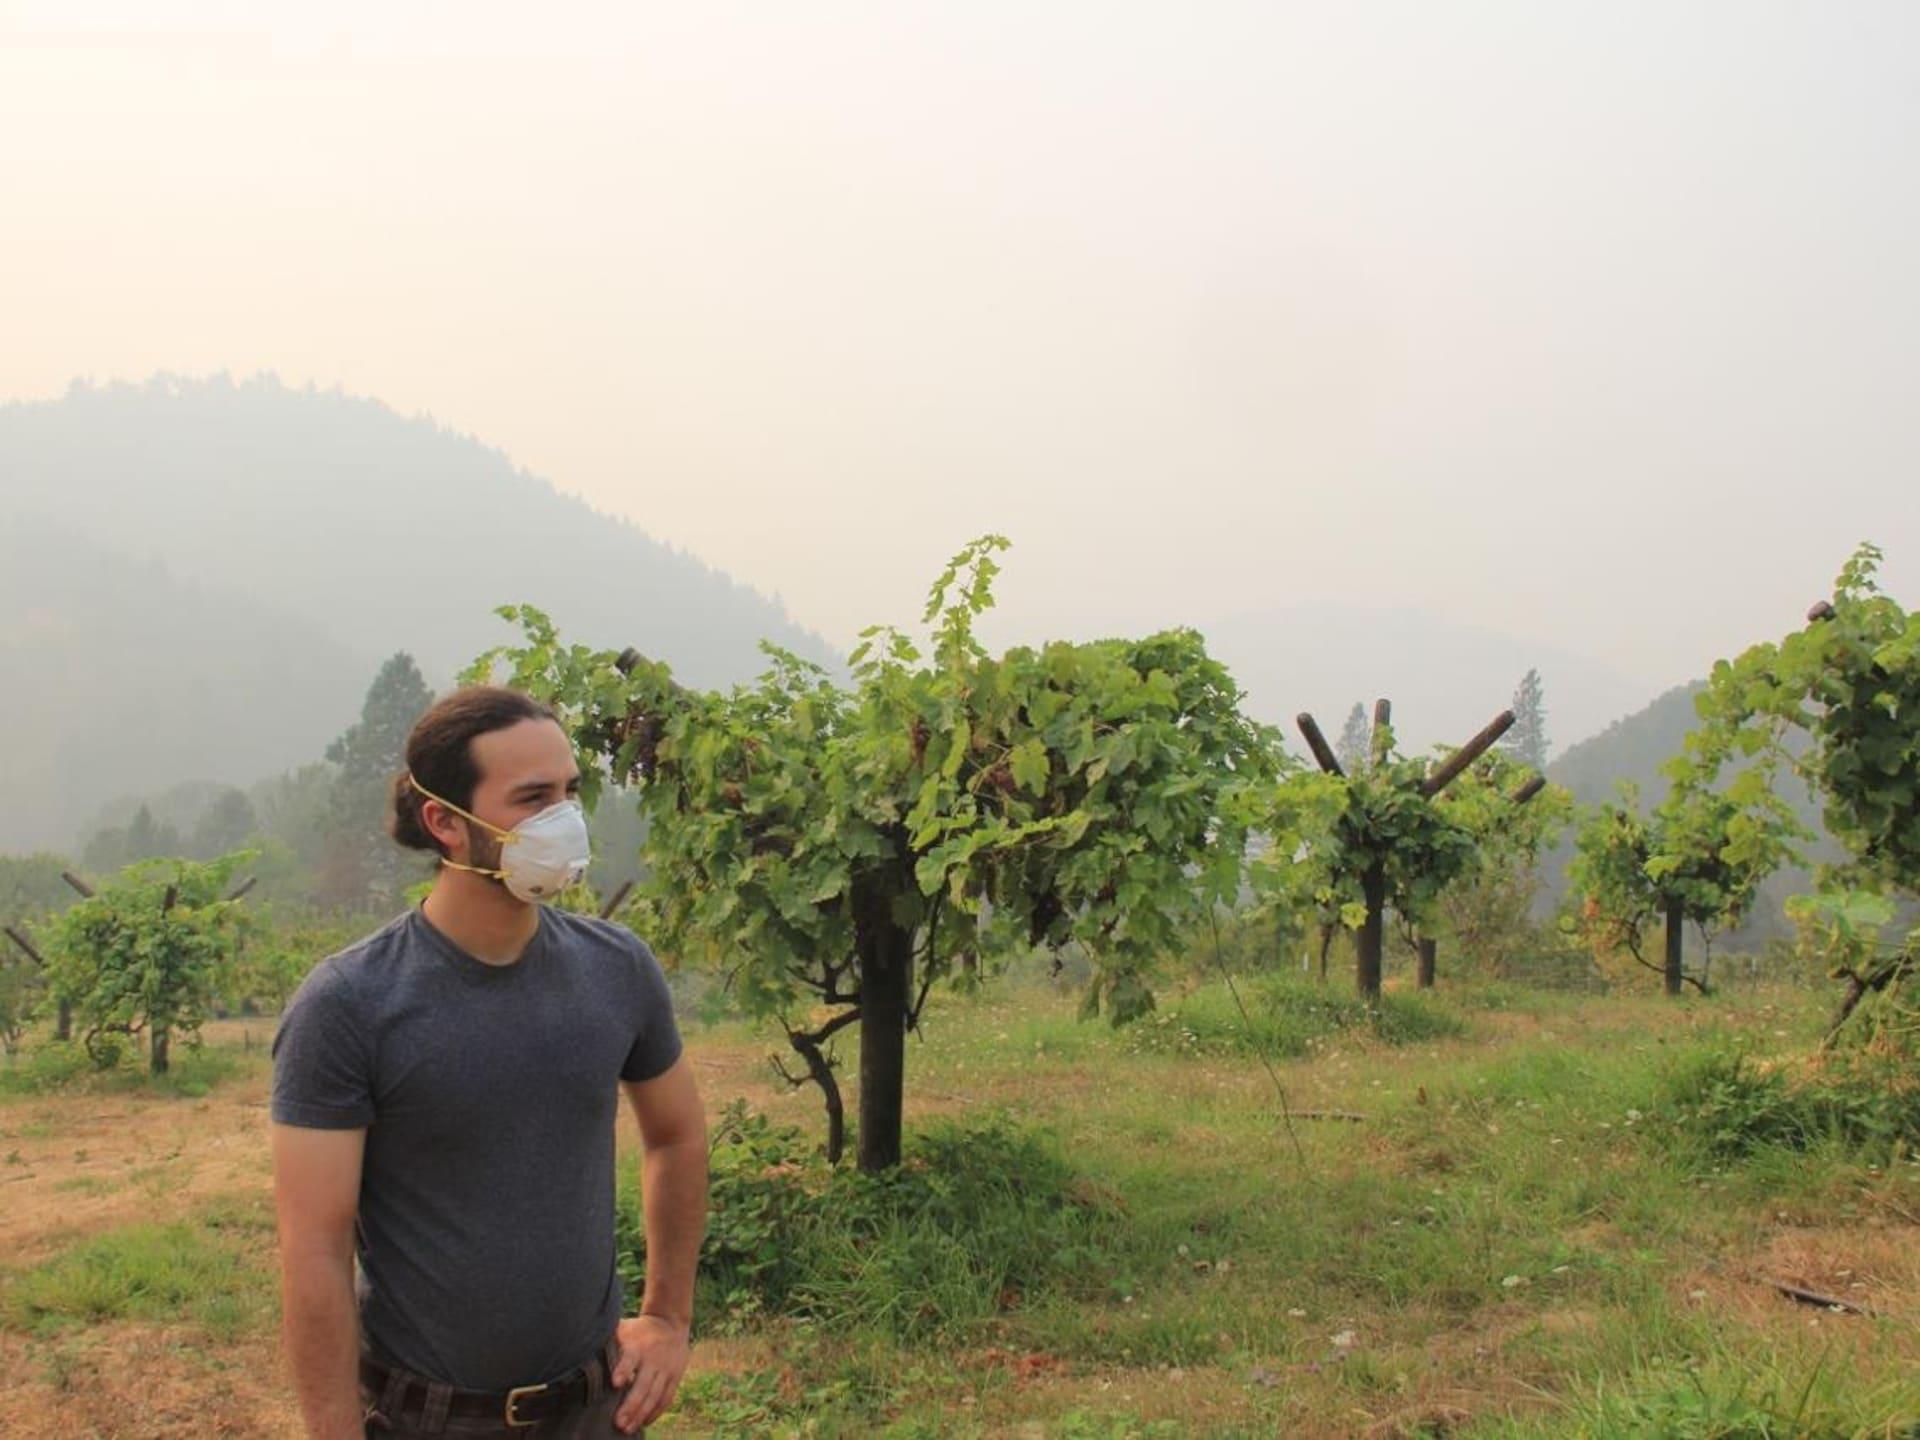 Jacob Lebel, debout dans un champ enfumé, porte un masque.